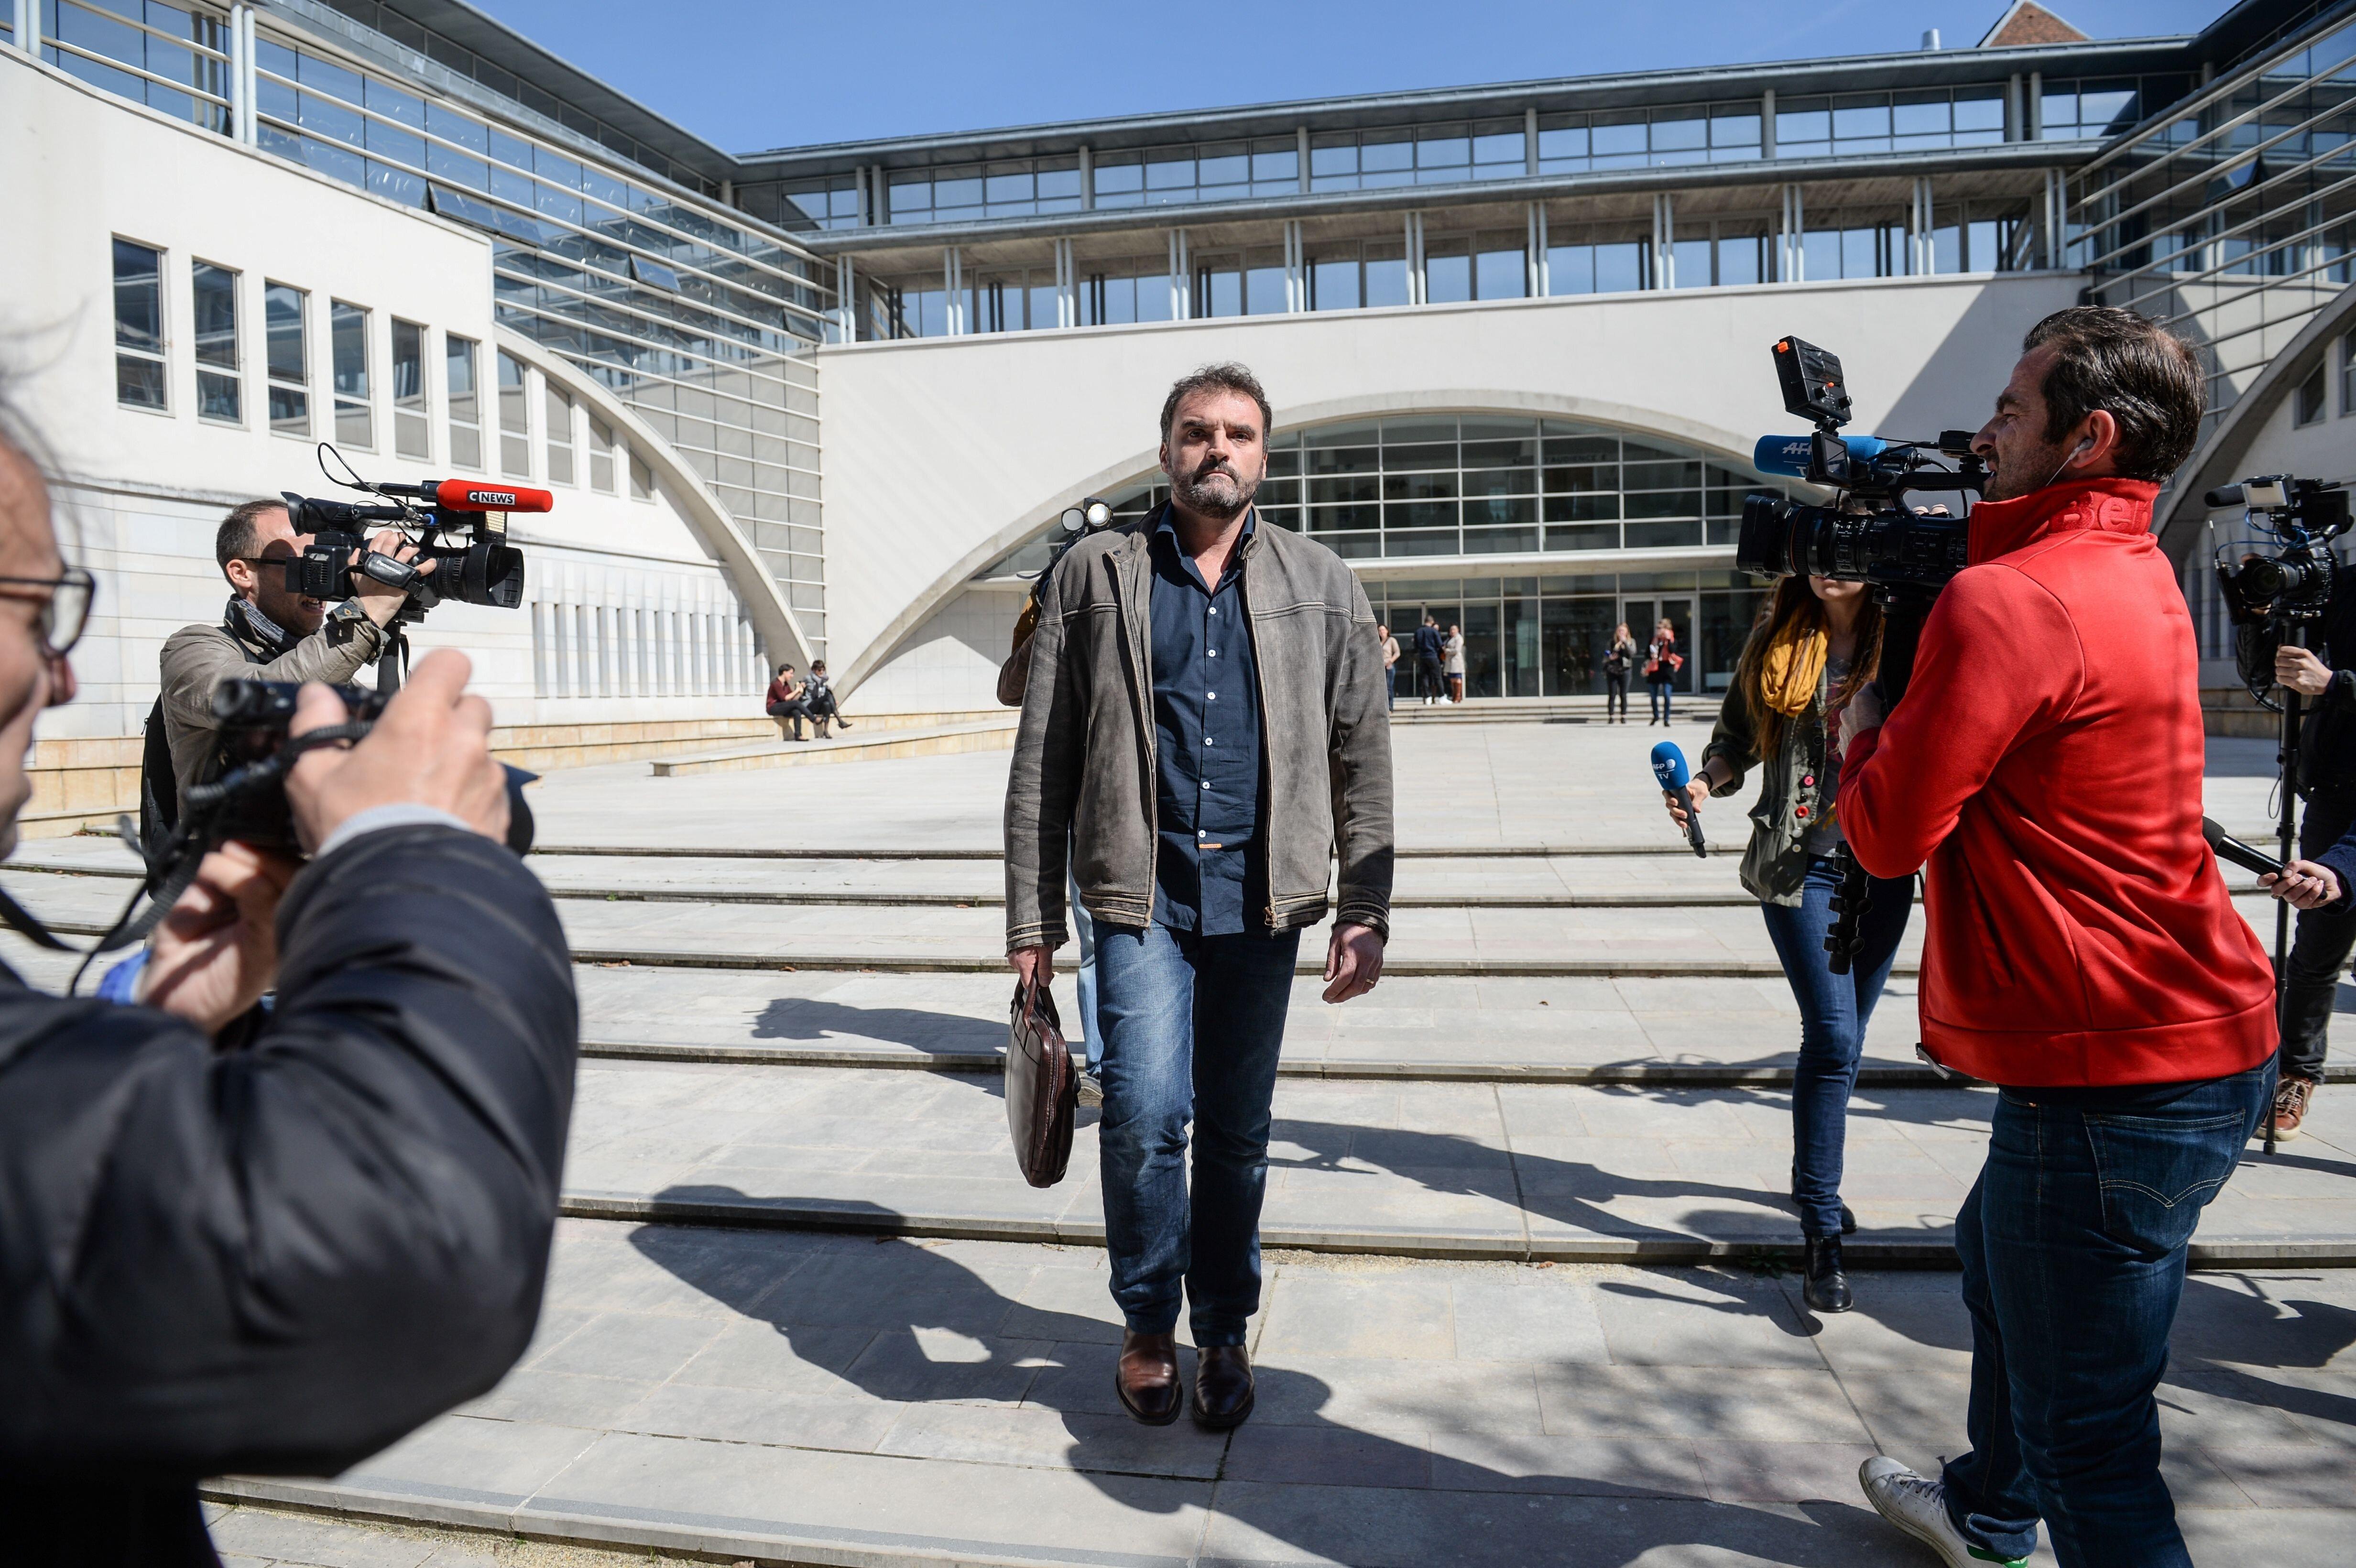 Γαλλία: Γιατρός serial killer κατηγορείται ότι σκότωνε ασθενείς για να τους